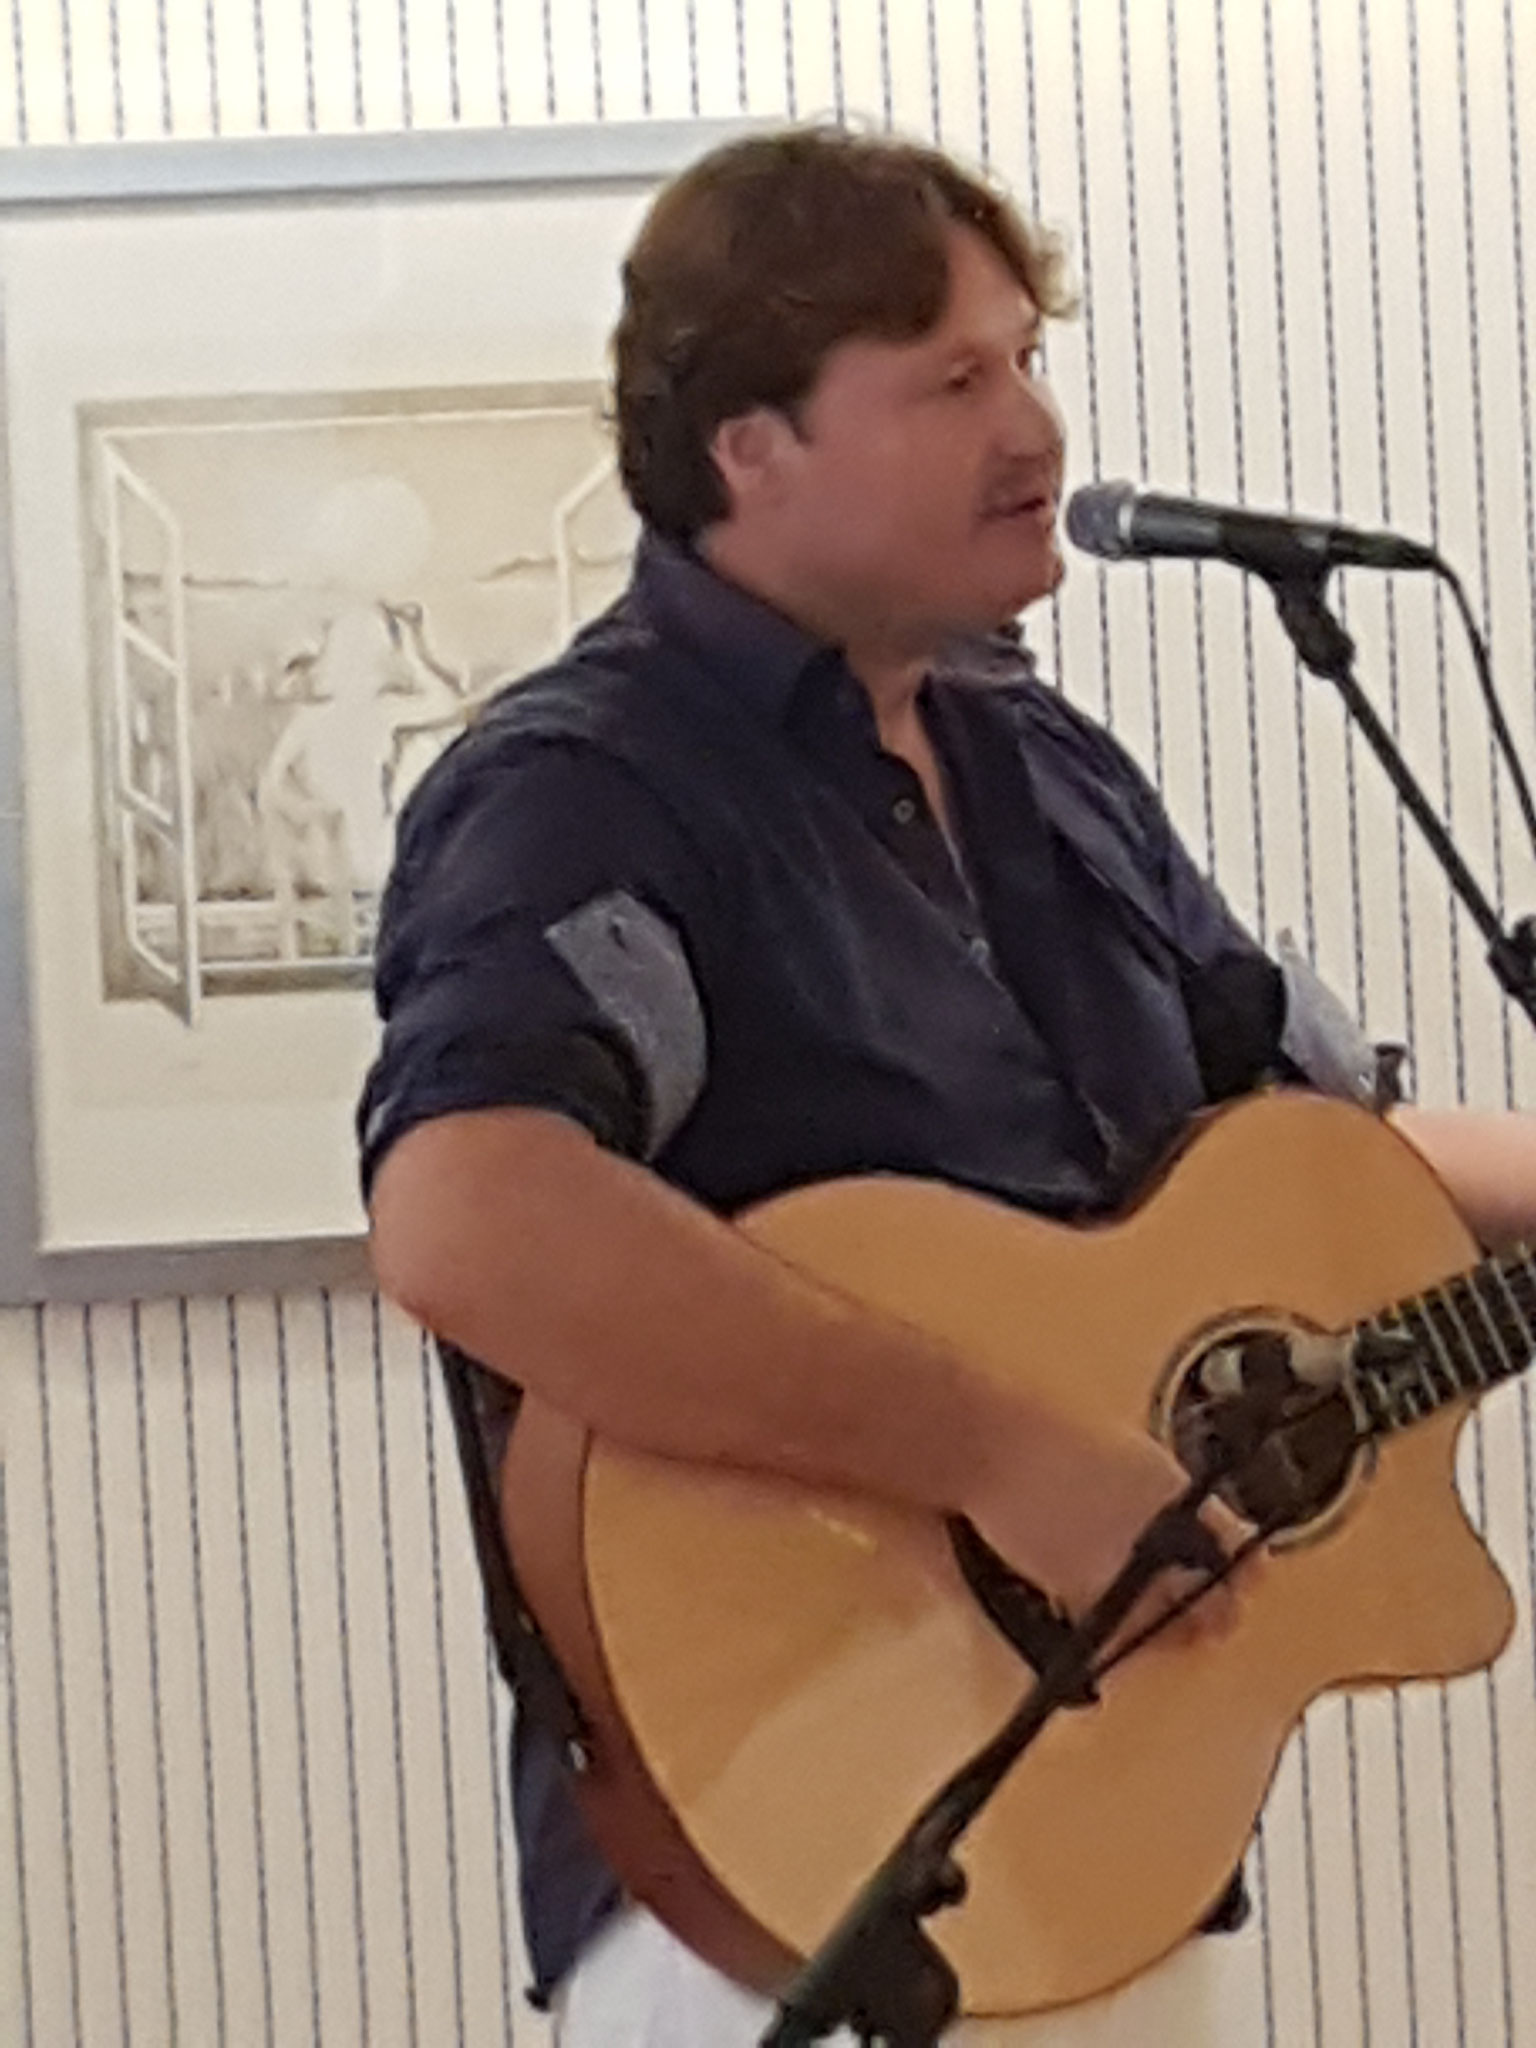 Herr Roland Ruchti mit seiner Gitarre am UNO-Weltfriedenstag bei RadioChico